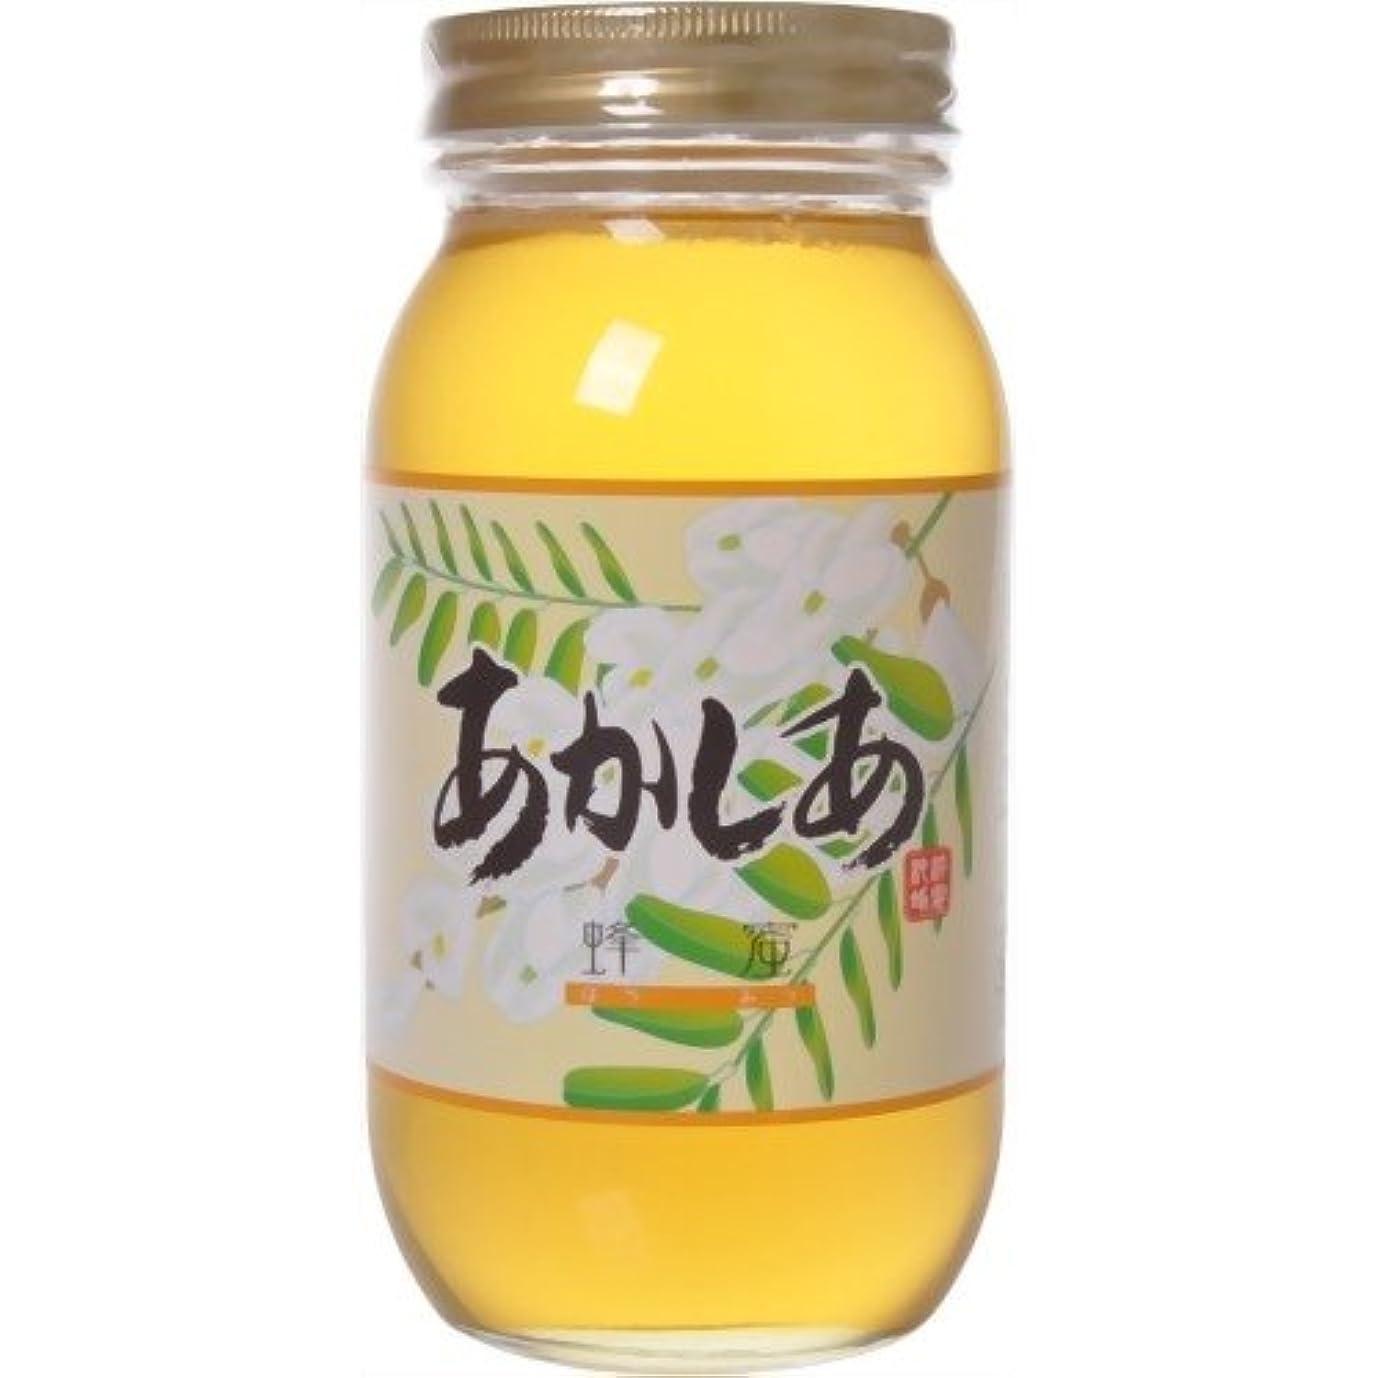 ぴかぴか観点流出藤井養蜂場 中国産アカシアはちみつ 1kg